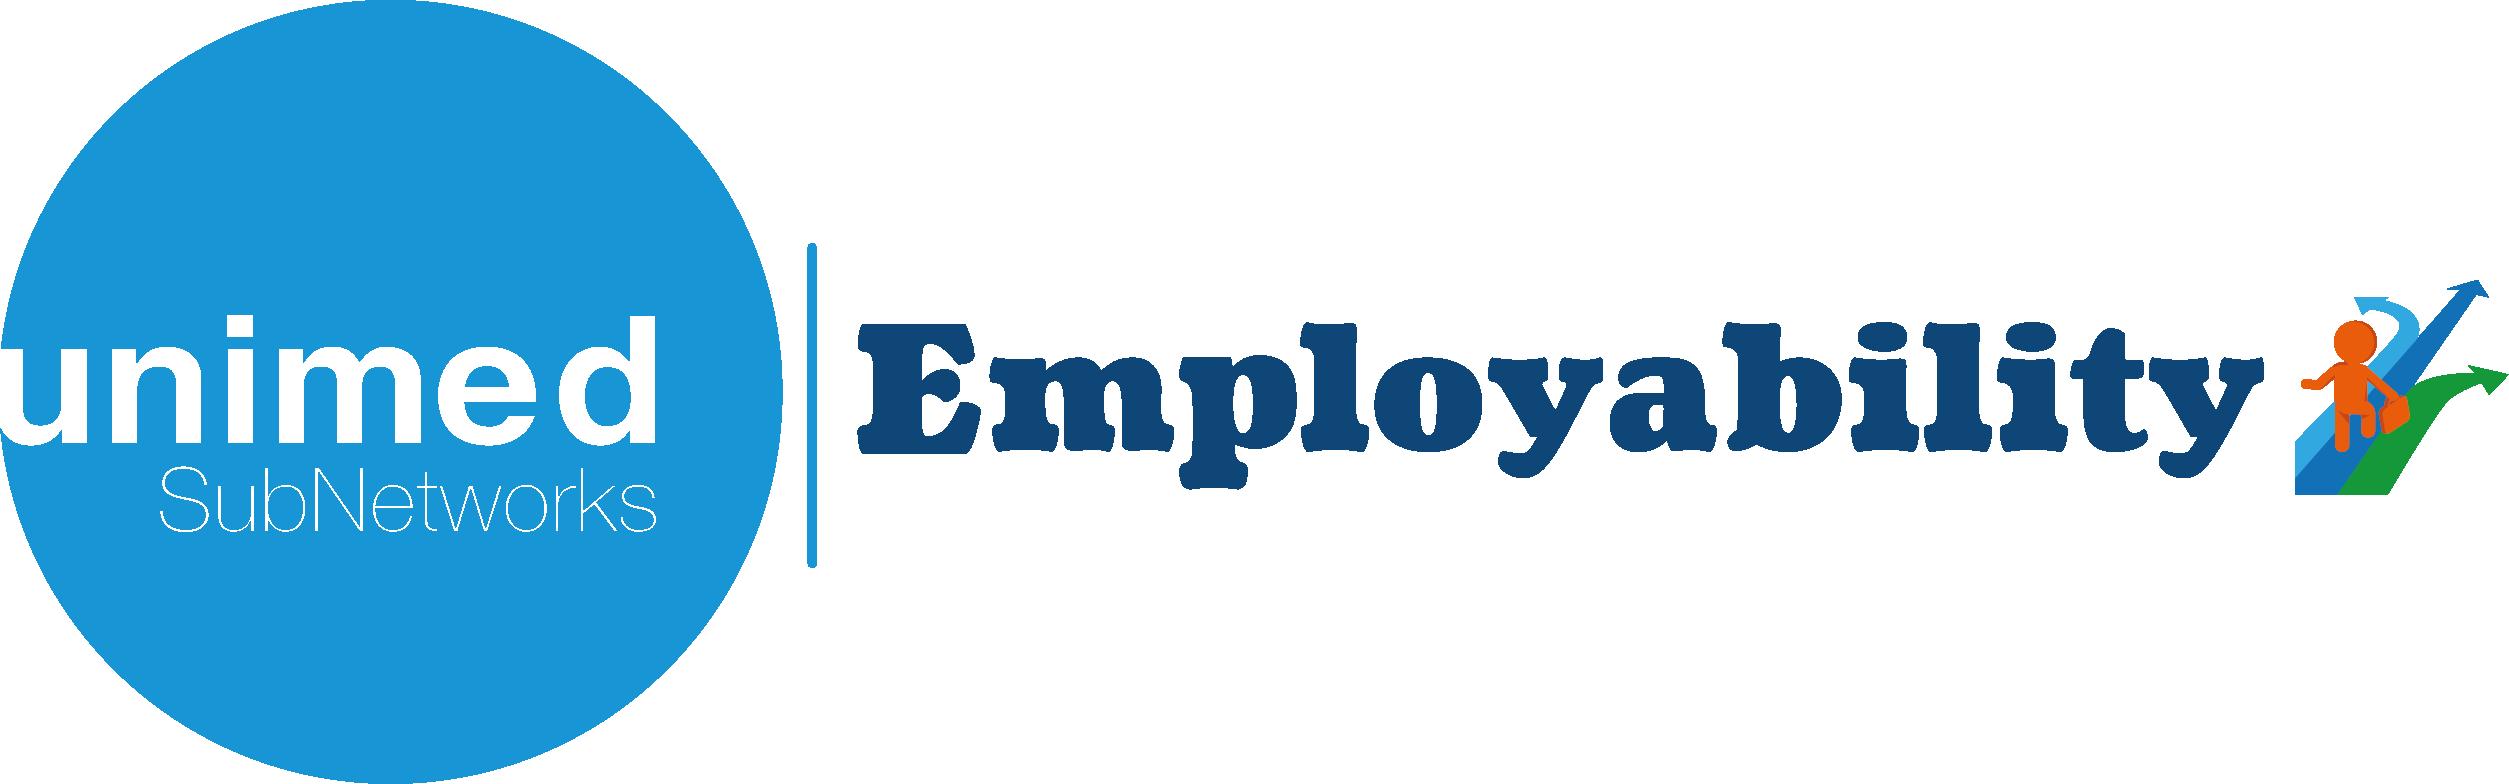 Sous-réseau UNIMED sur l'Employabilité